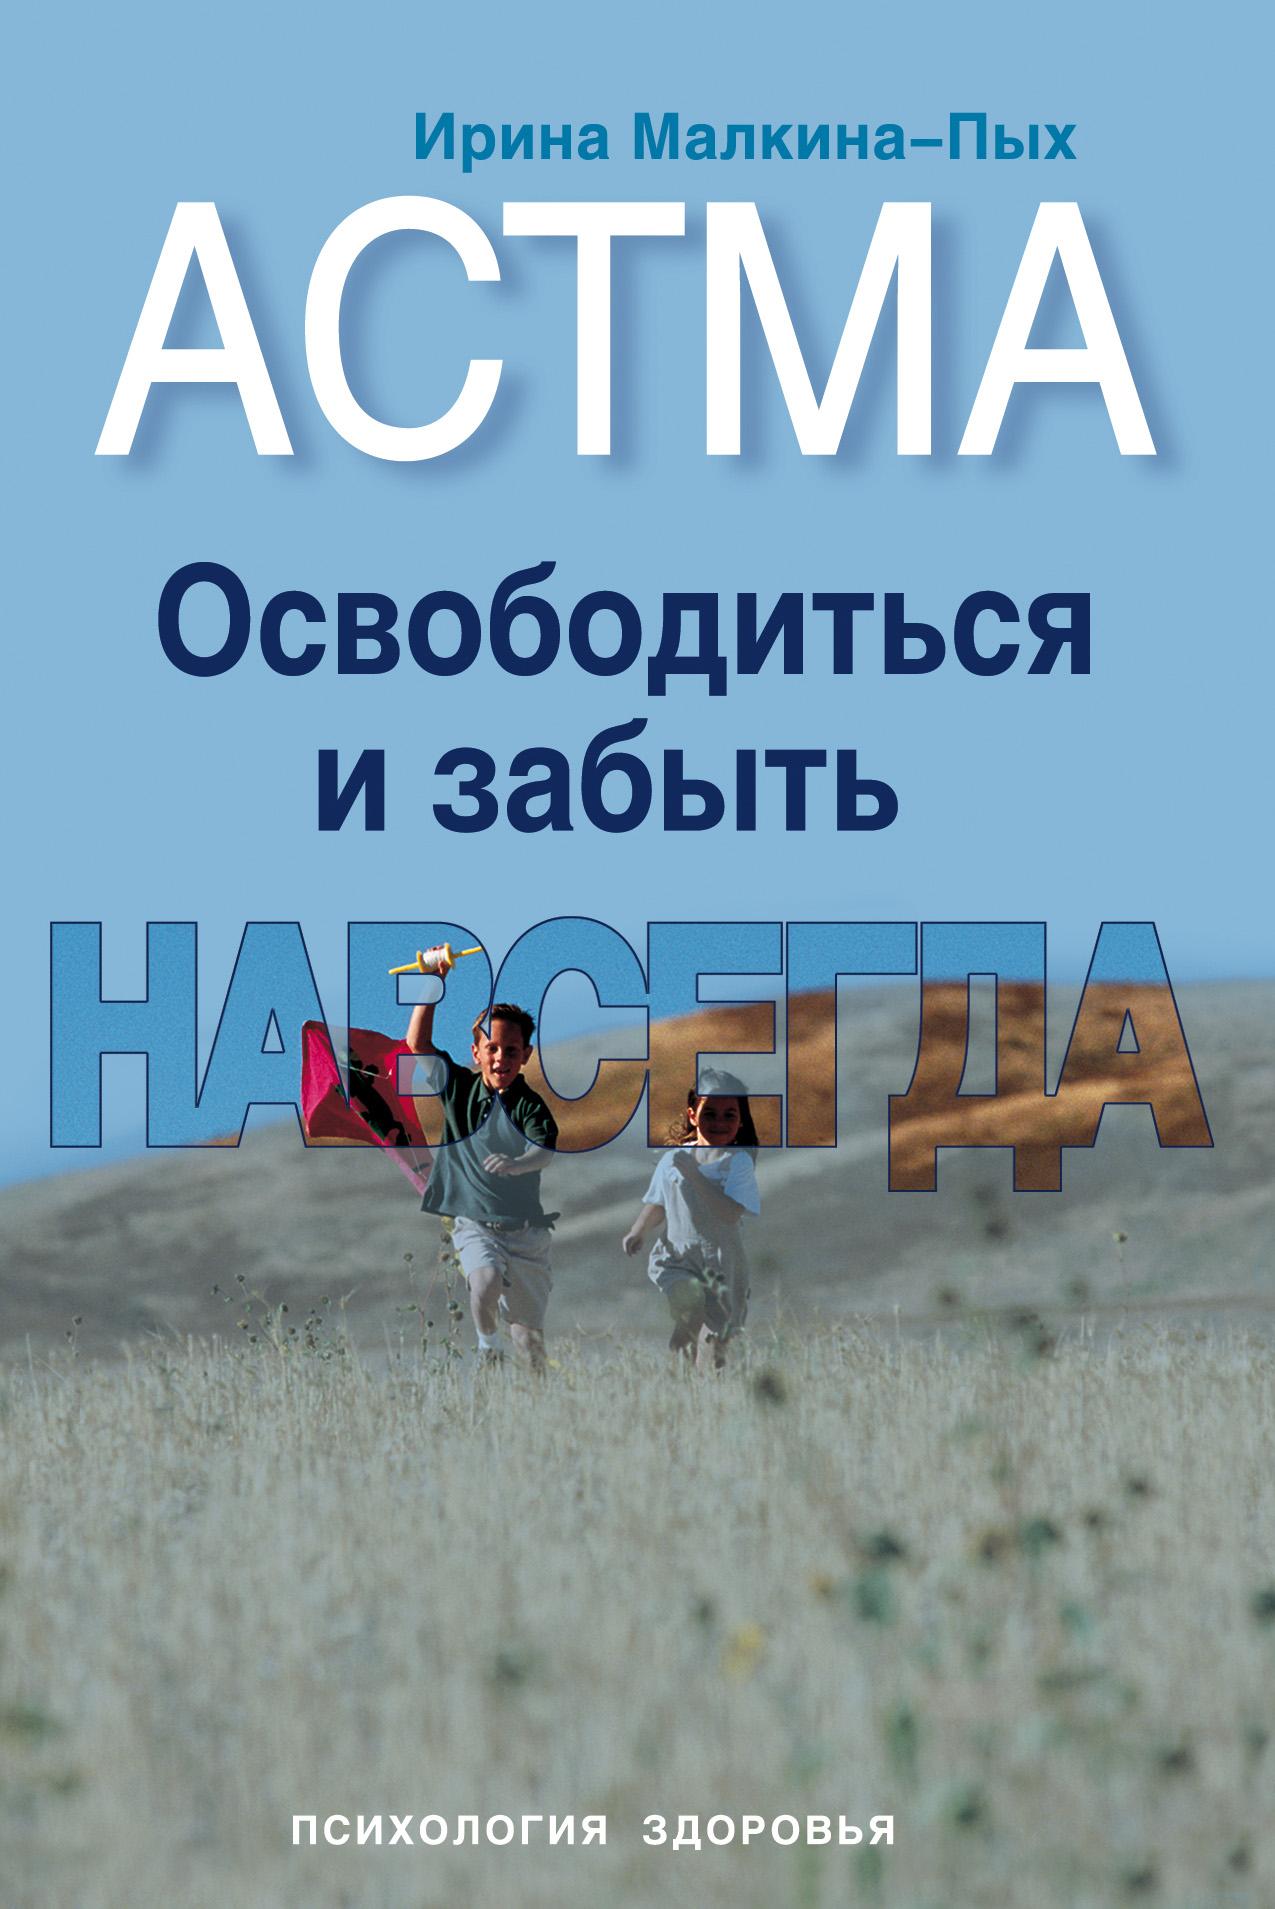 Ирина Малкина-Пых «Астма. Освободиться и забыть. Навсегда»